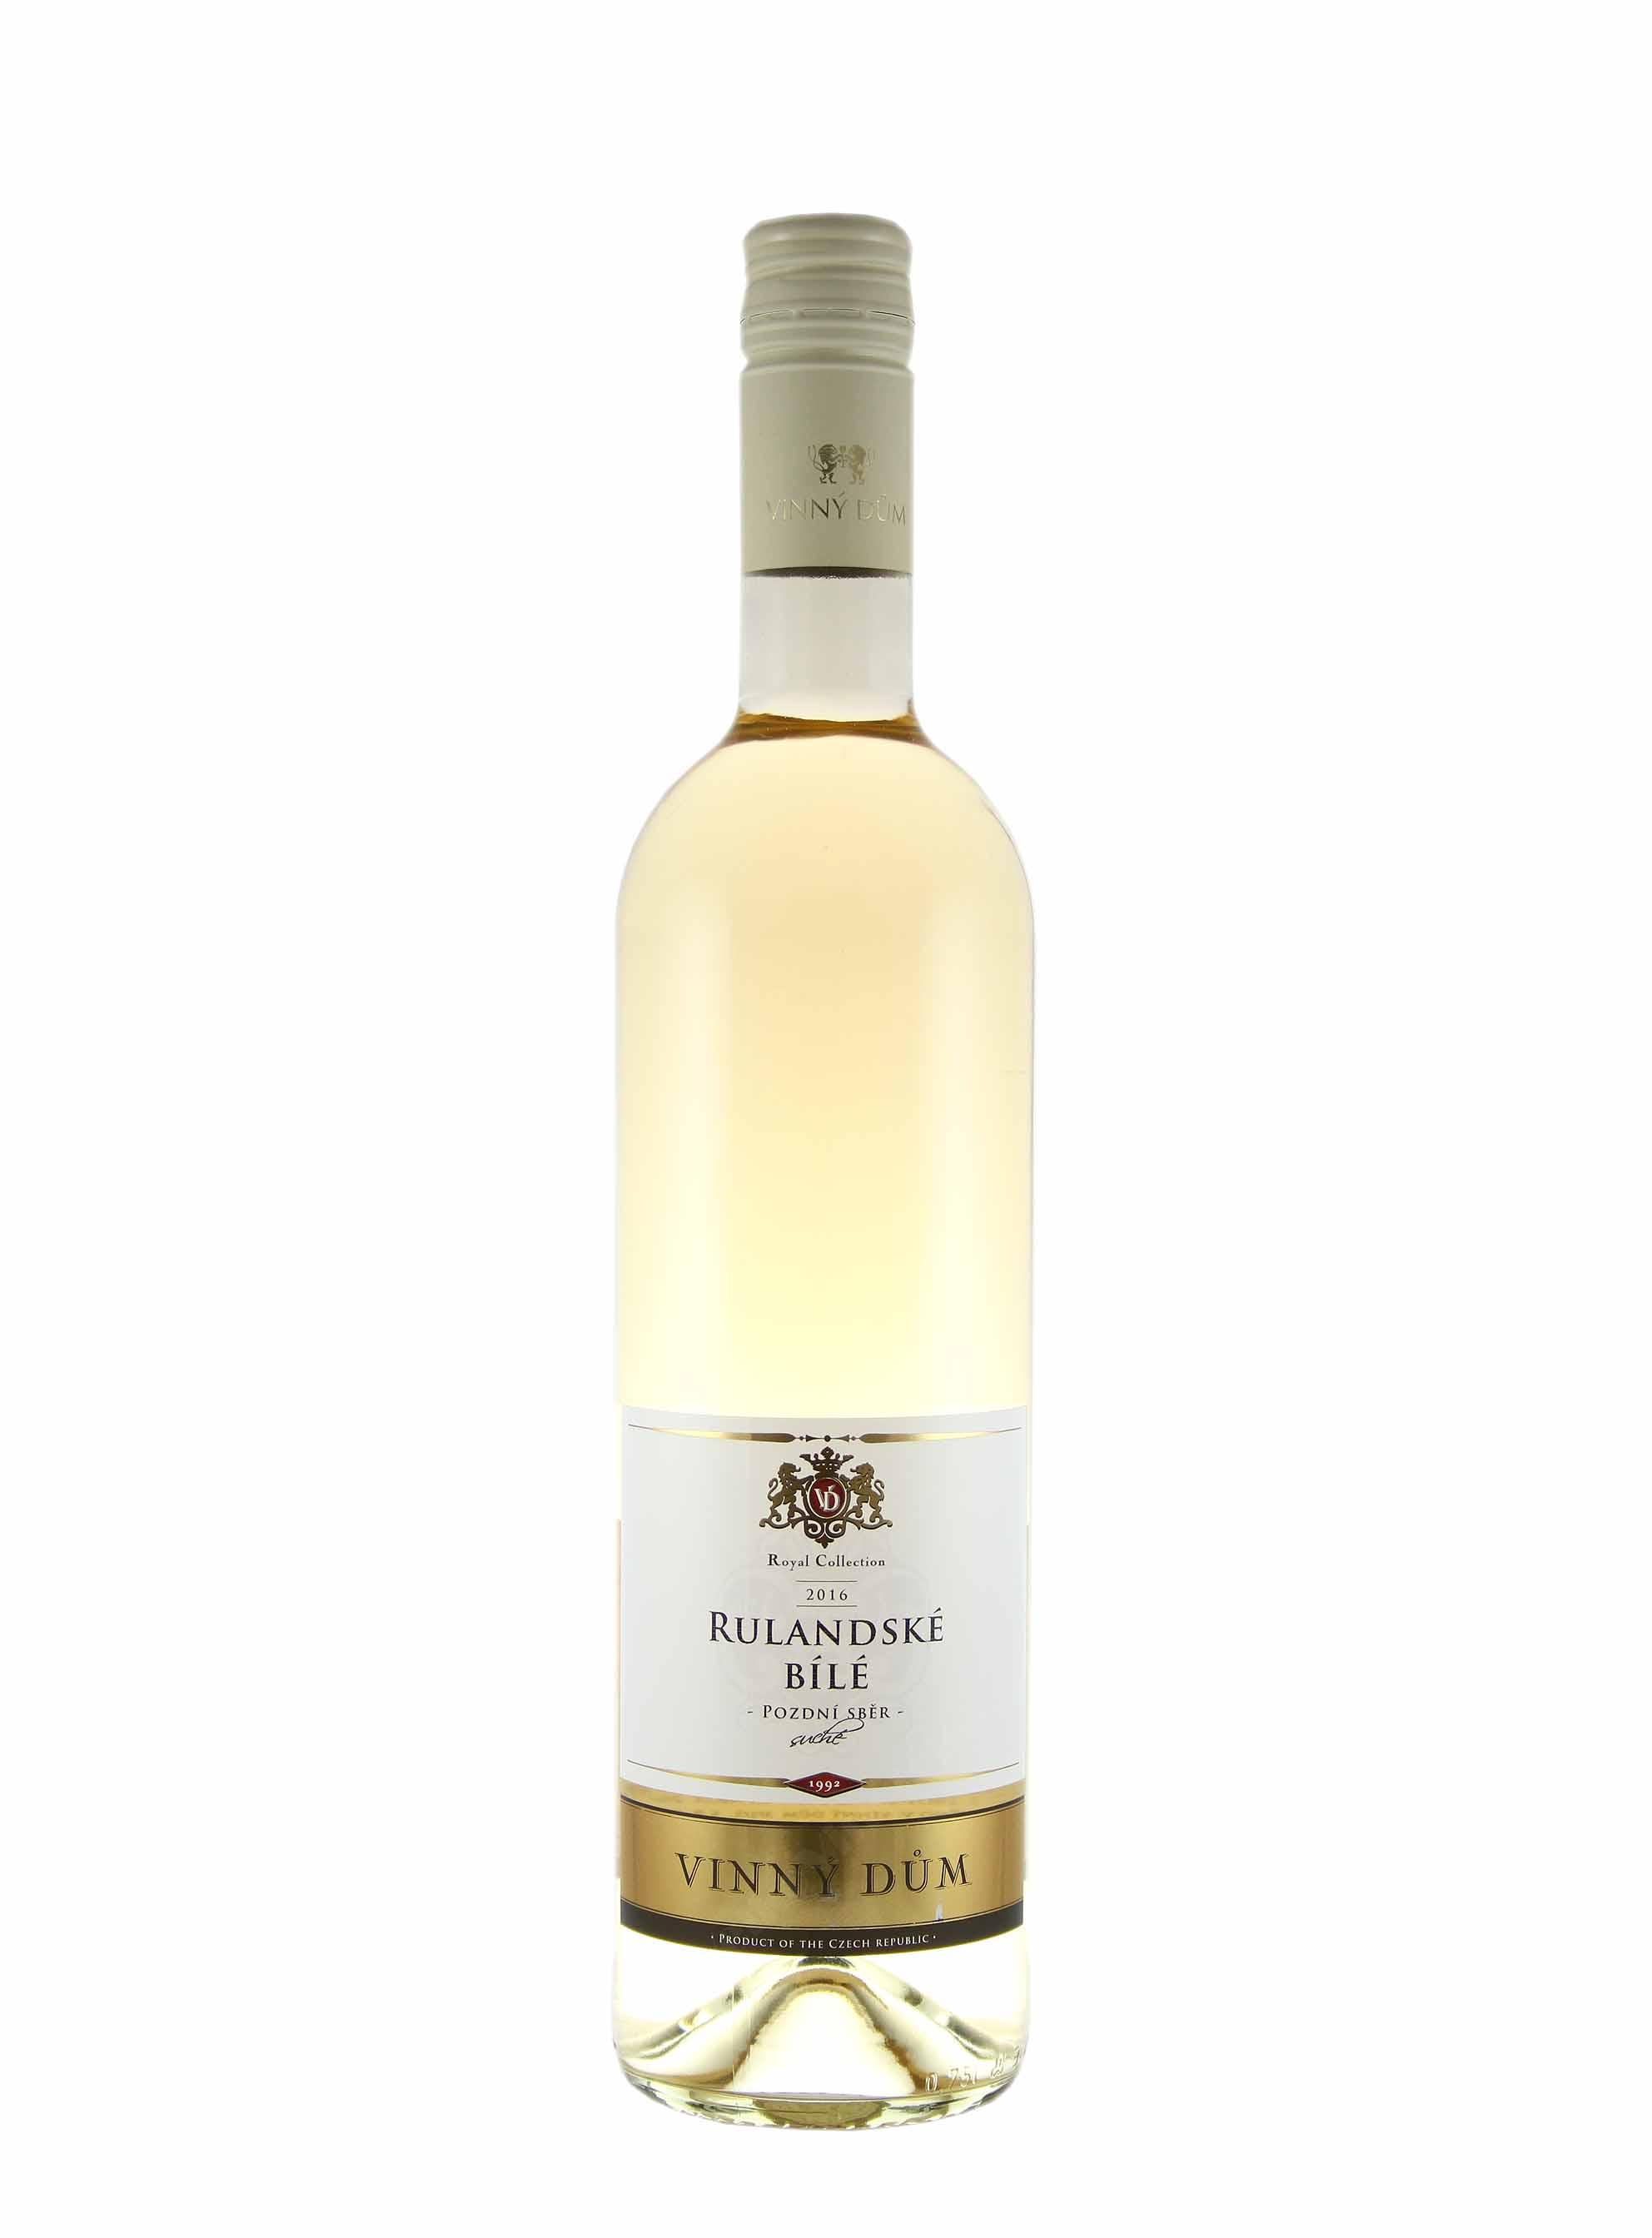 Rulandské bílé, Pozdní sběr, 2016, Vinný dům, 0.75 l